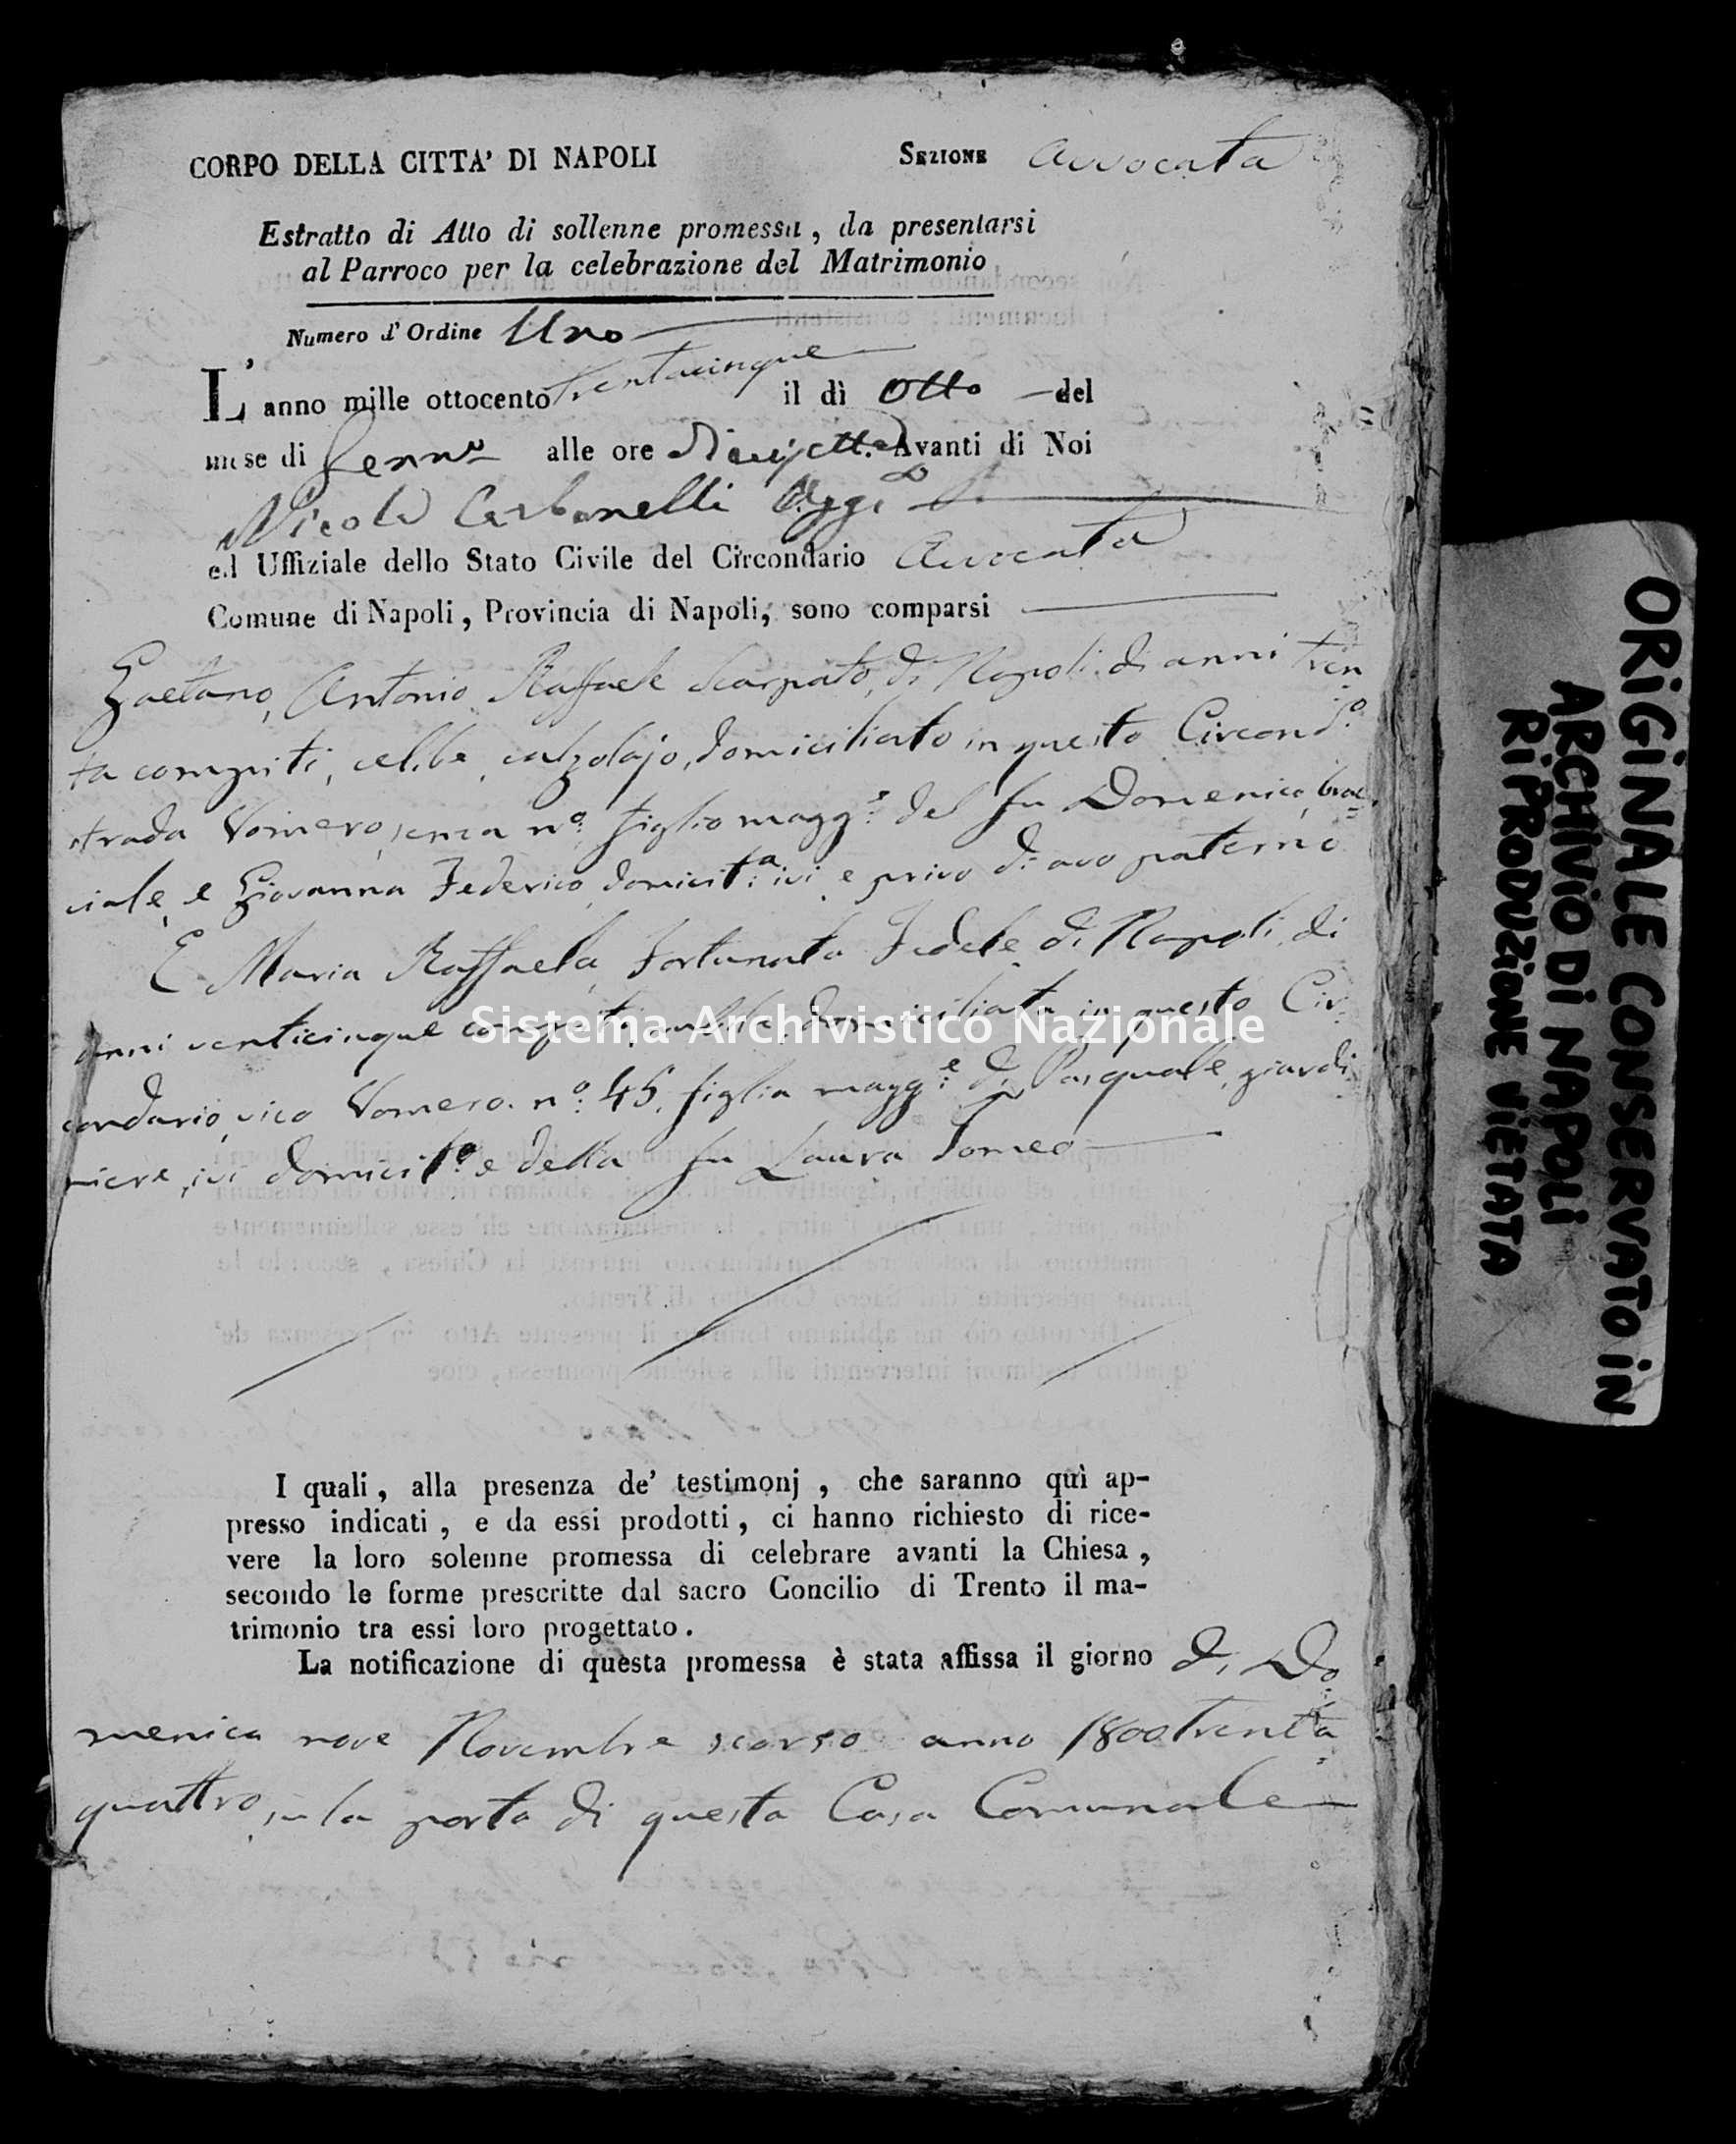 Archivio di stato di Napoli - Stato civile della restaurazione - Avvocata - Matrimoni, ecclesiastici - 1835 -